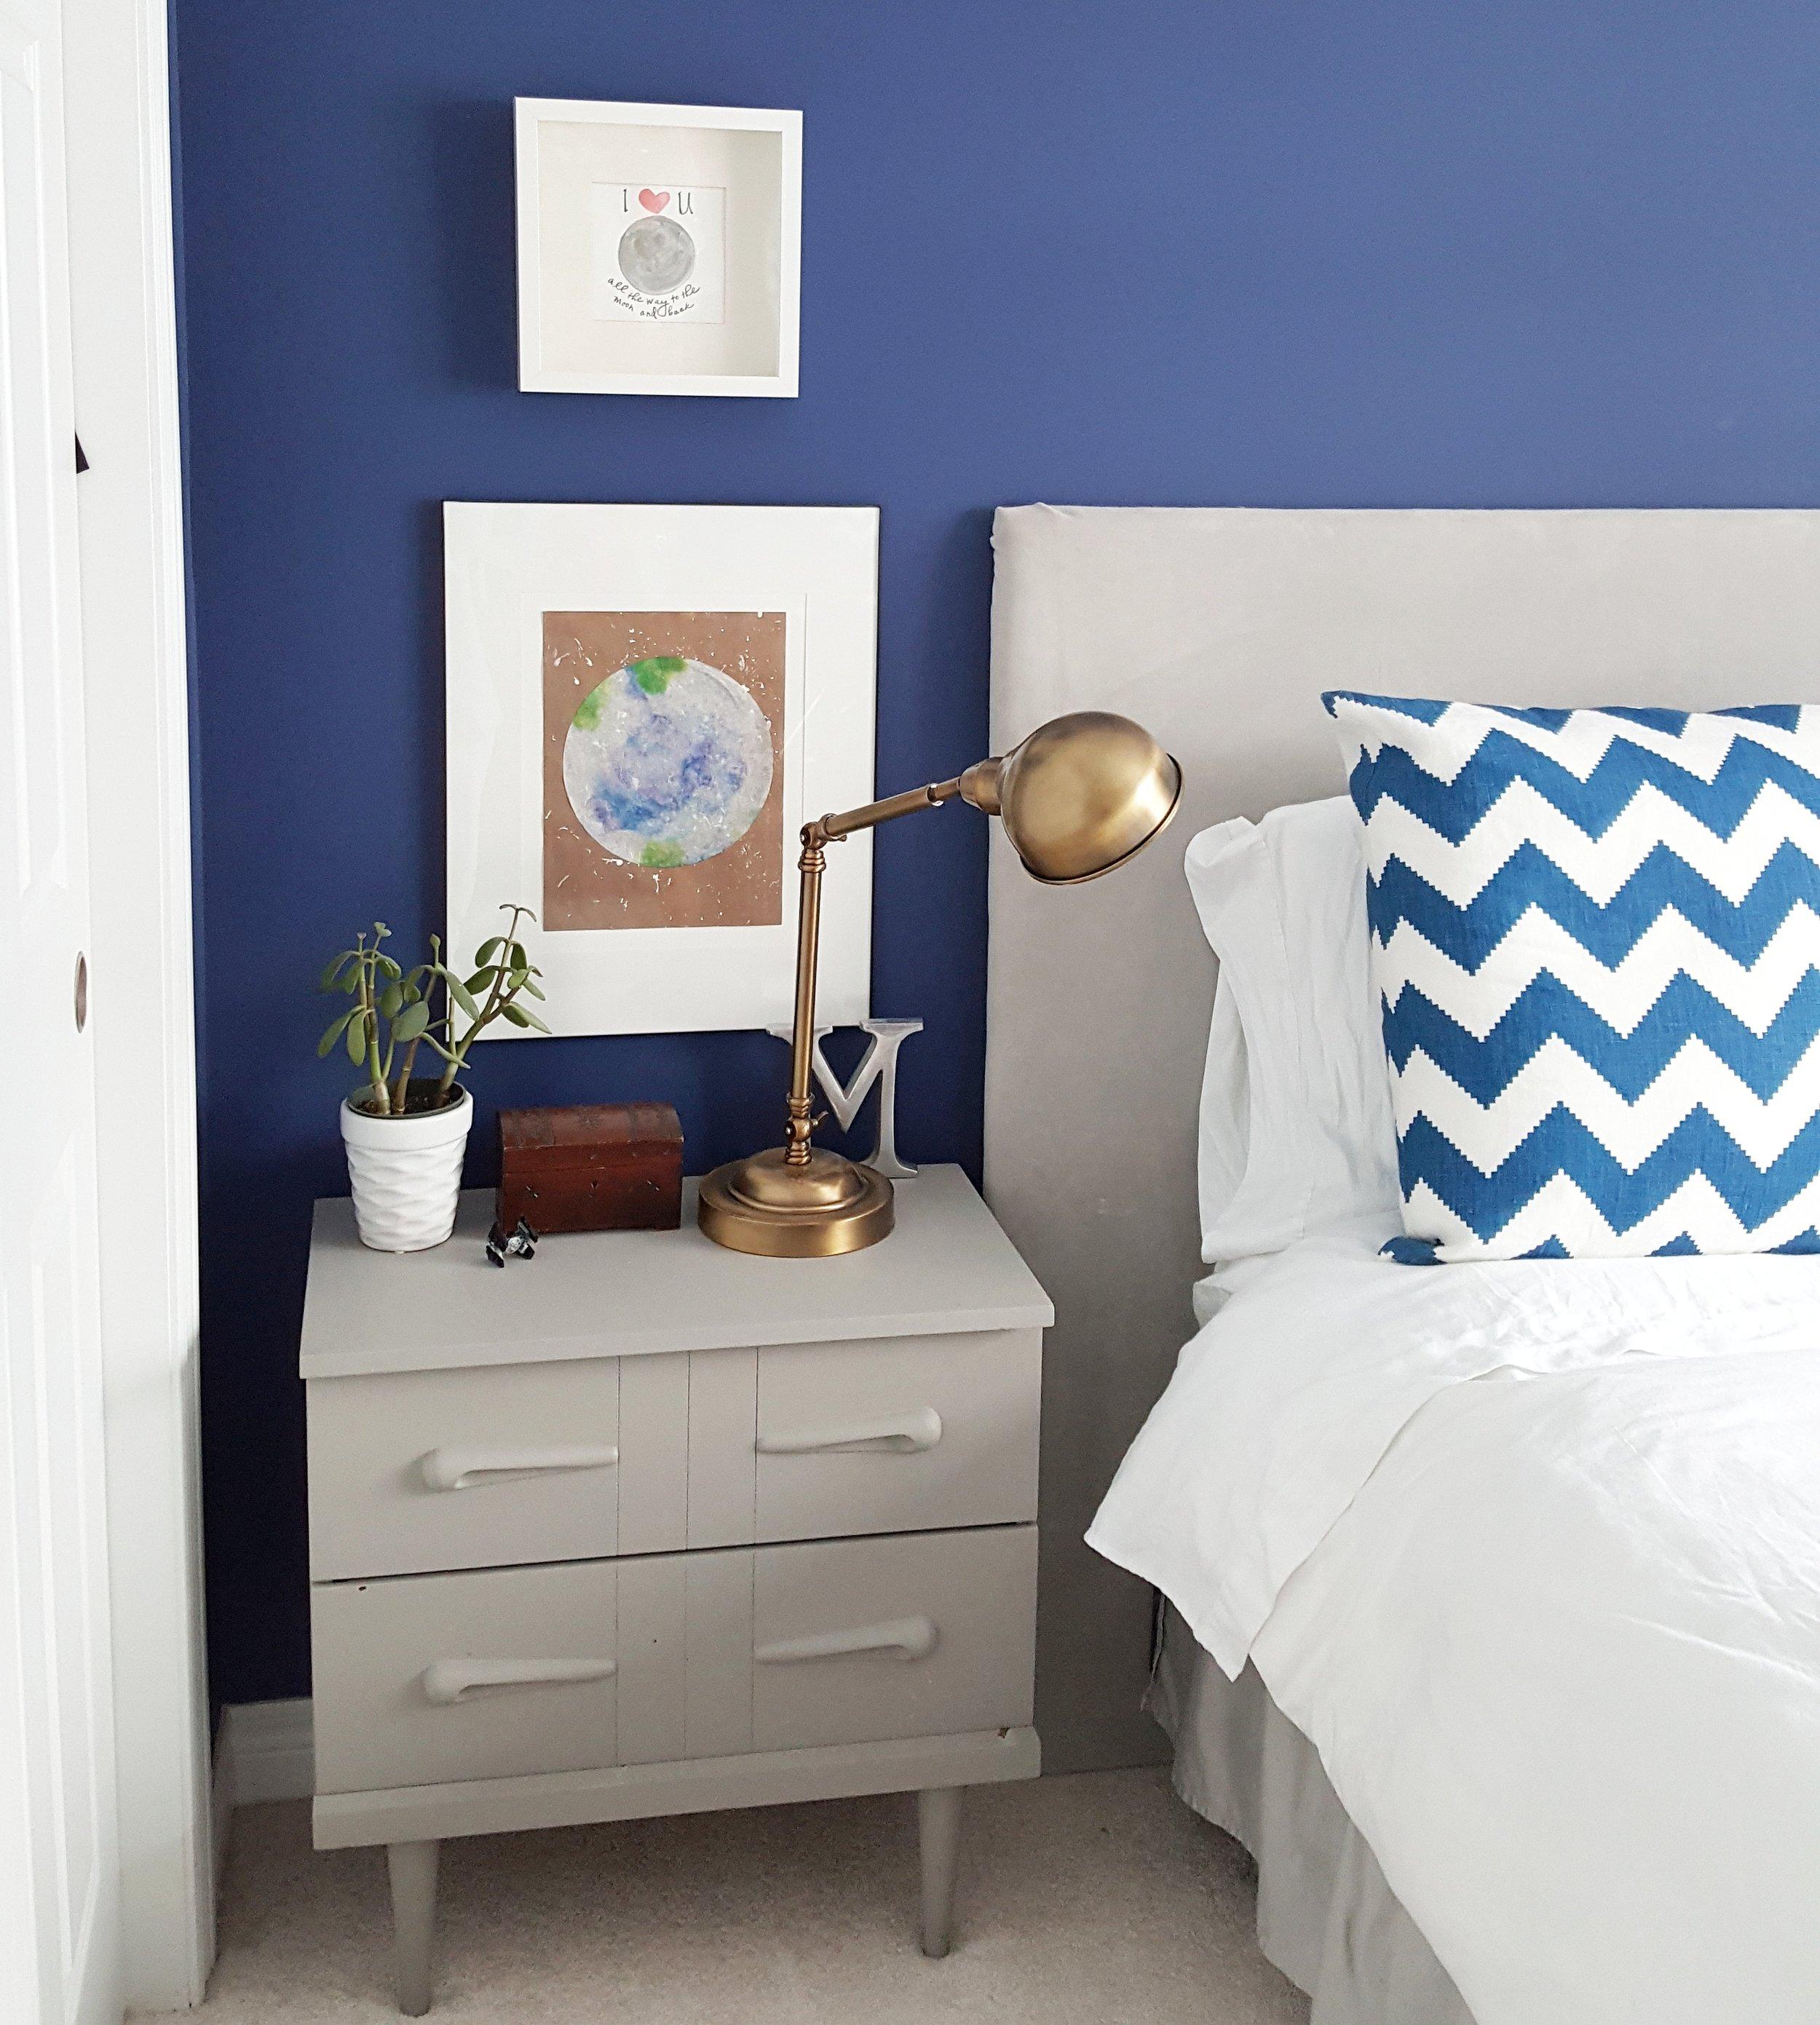 matthew's Room - Before